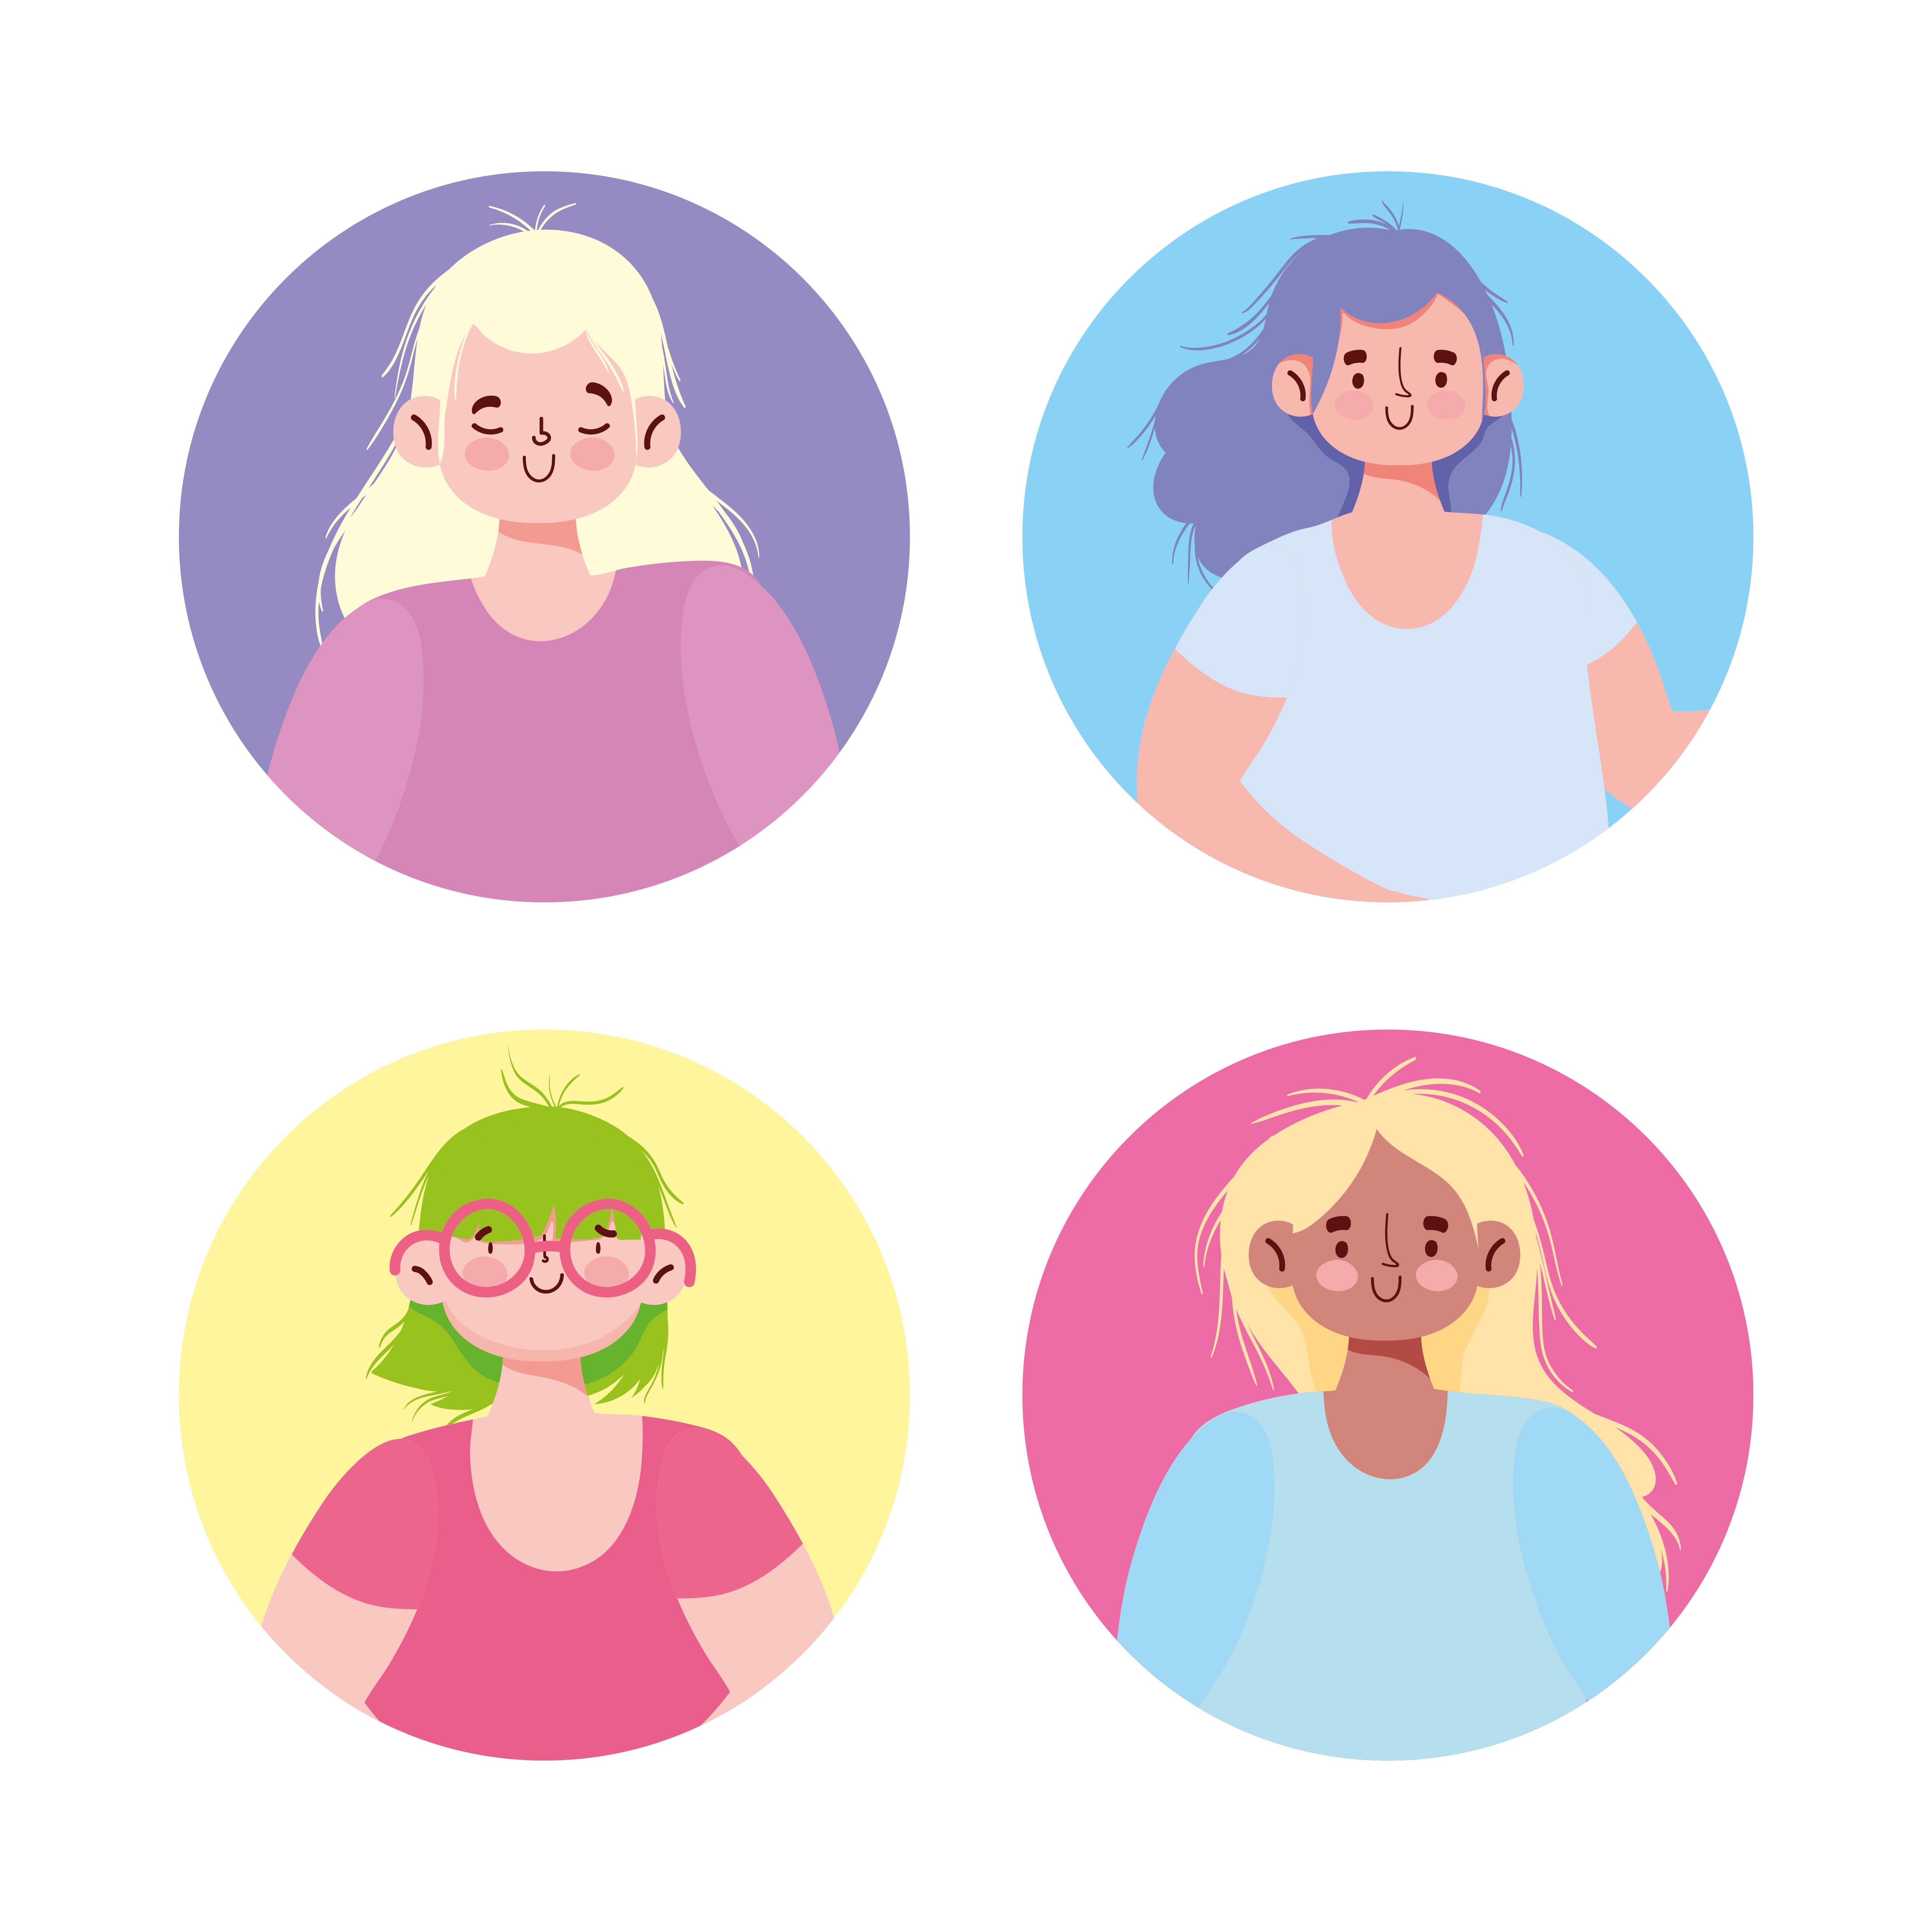 conjunto de iconos de avatar de mujeres jóvenes